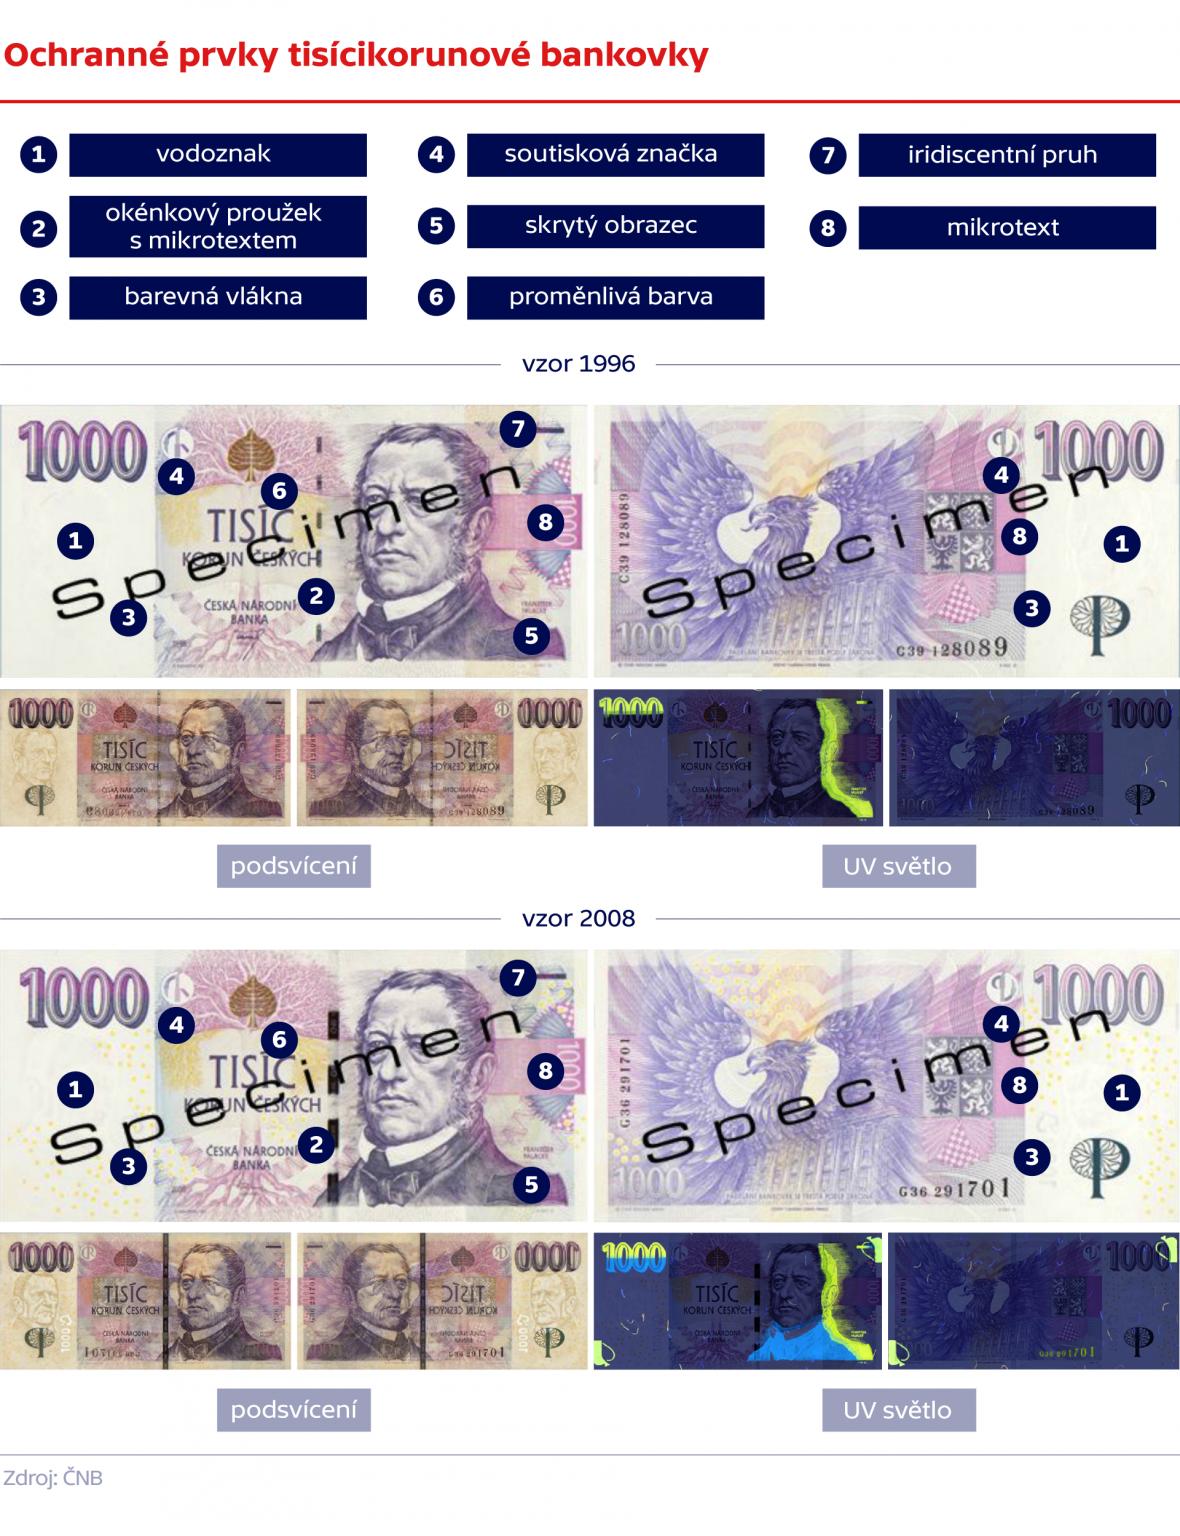 Ochranné prvky tisícikorunové bankovky